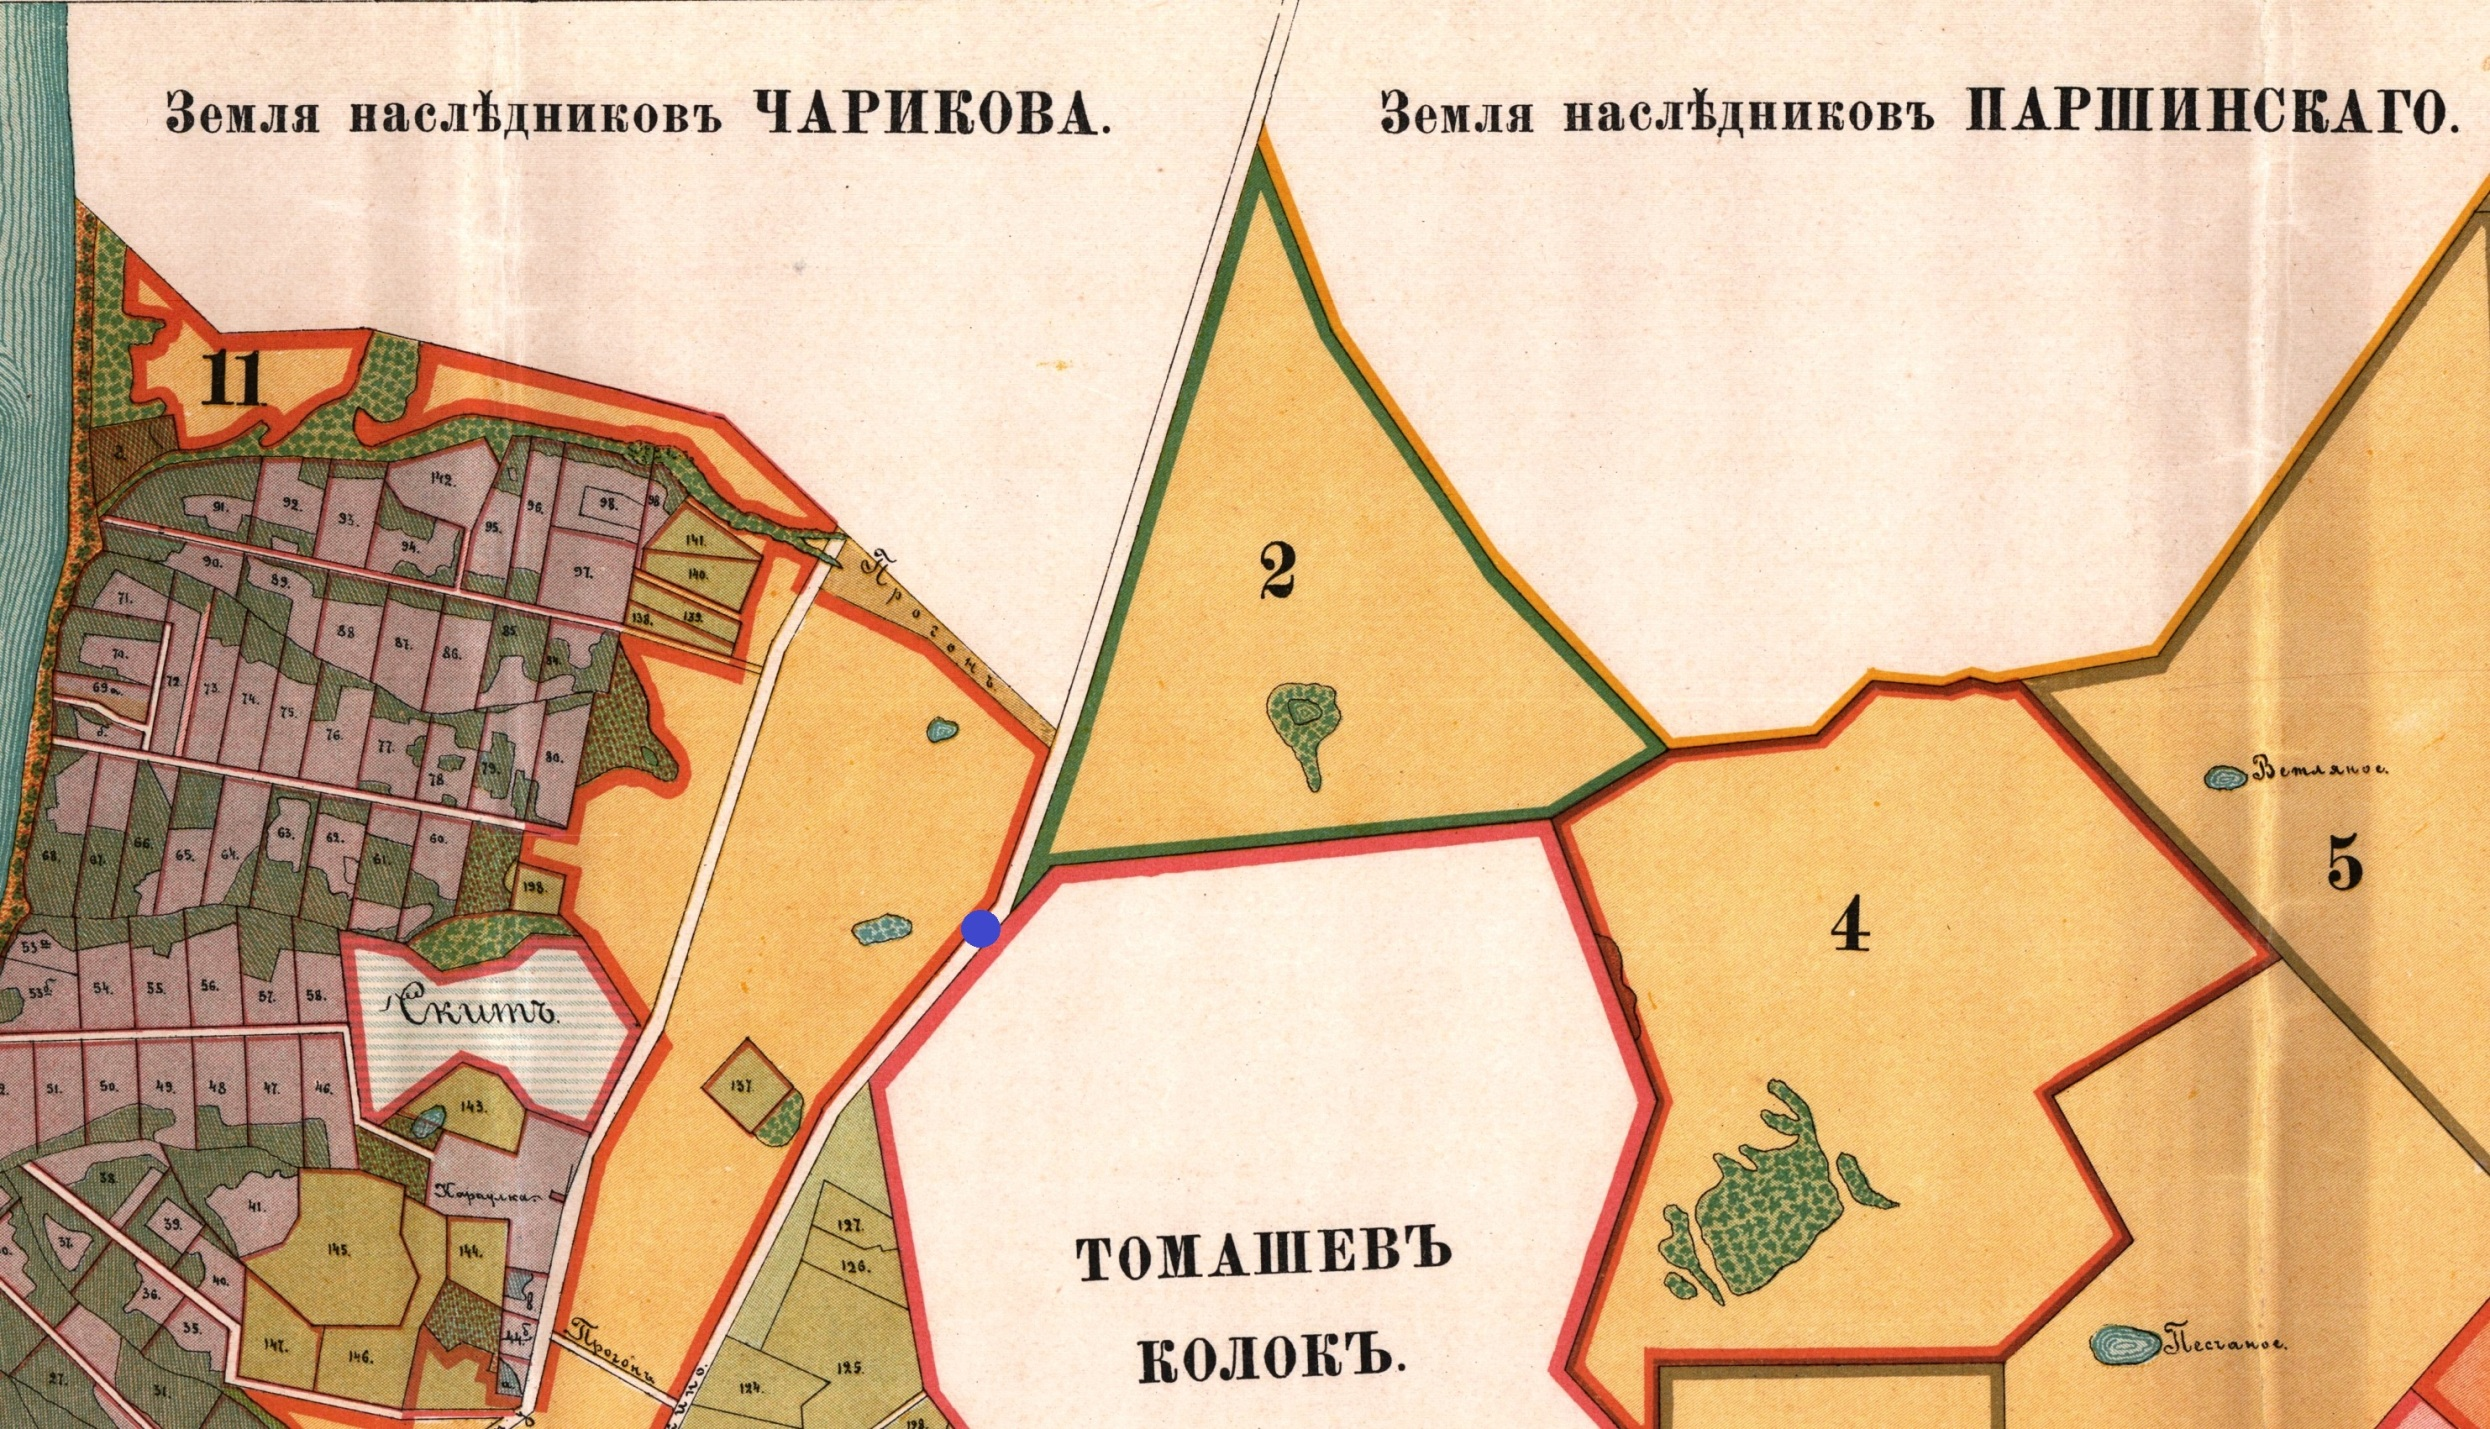 Карта Самары 1898 года.